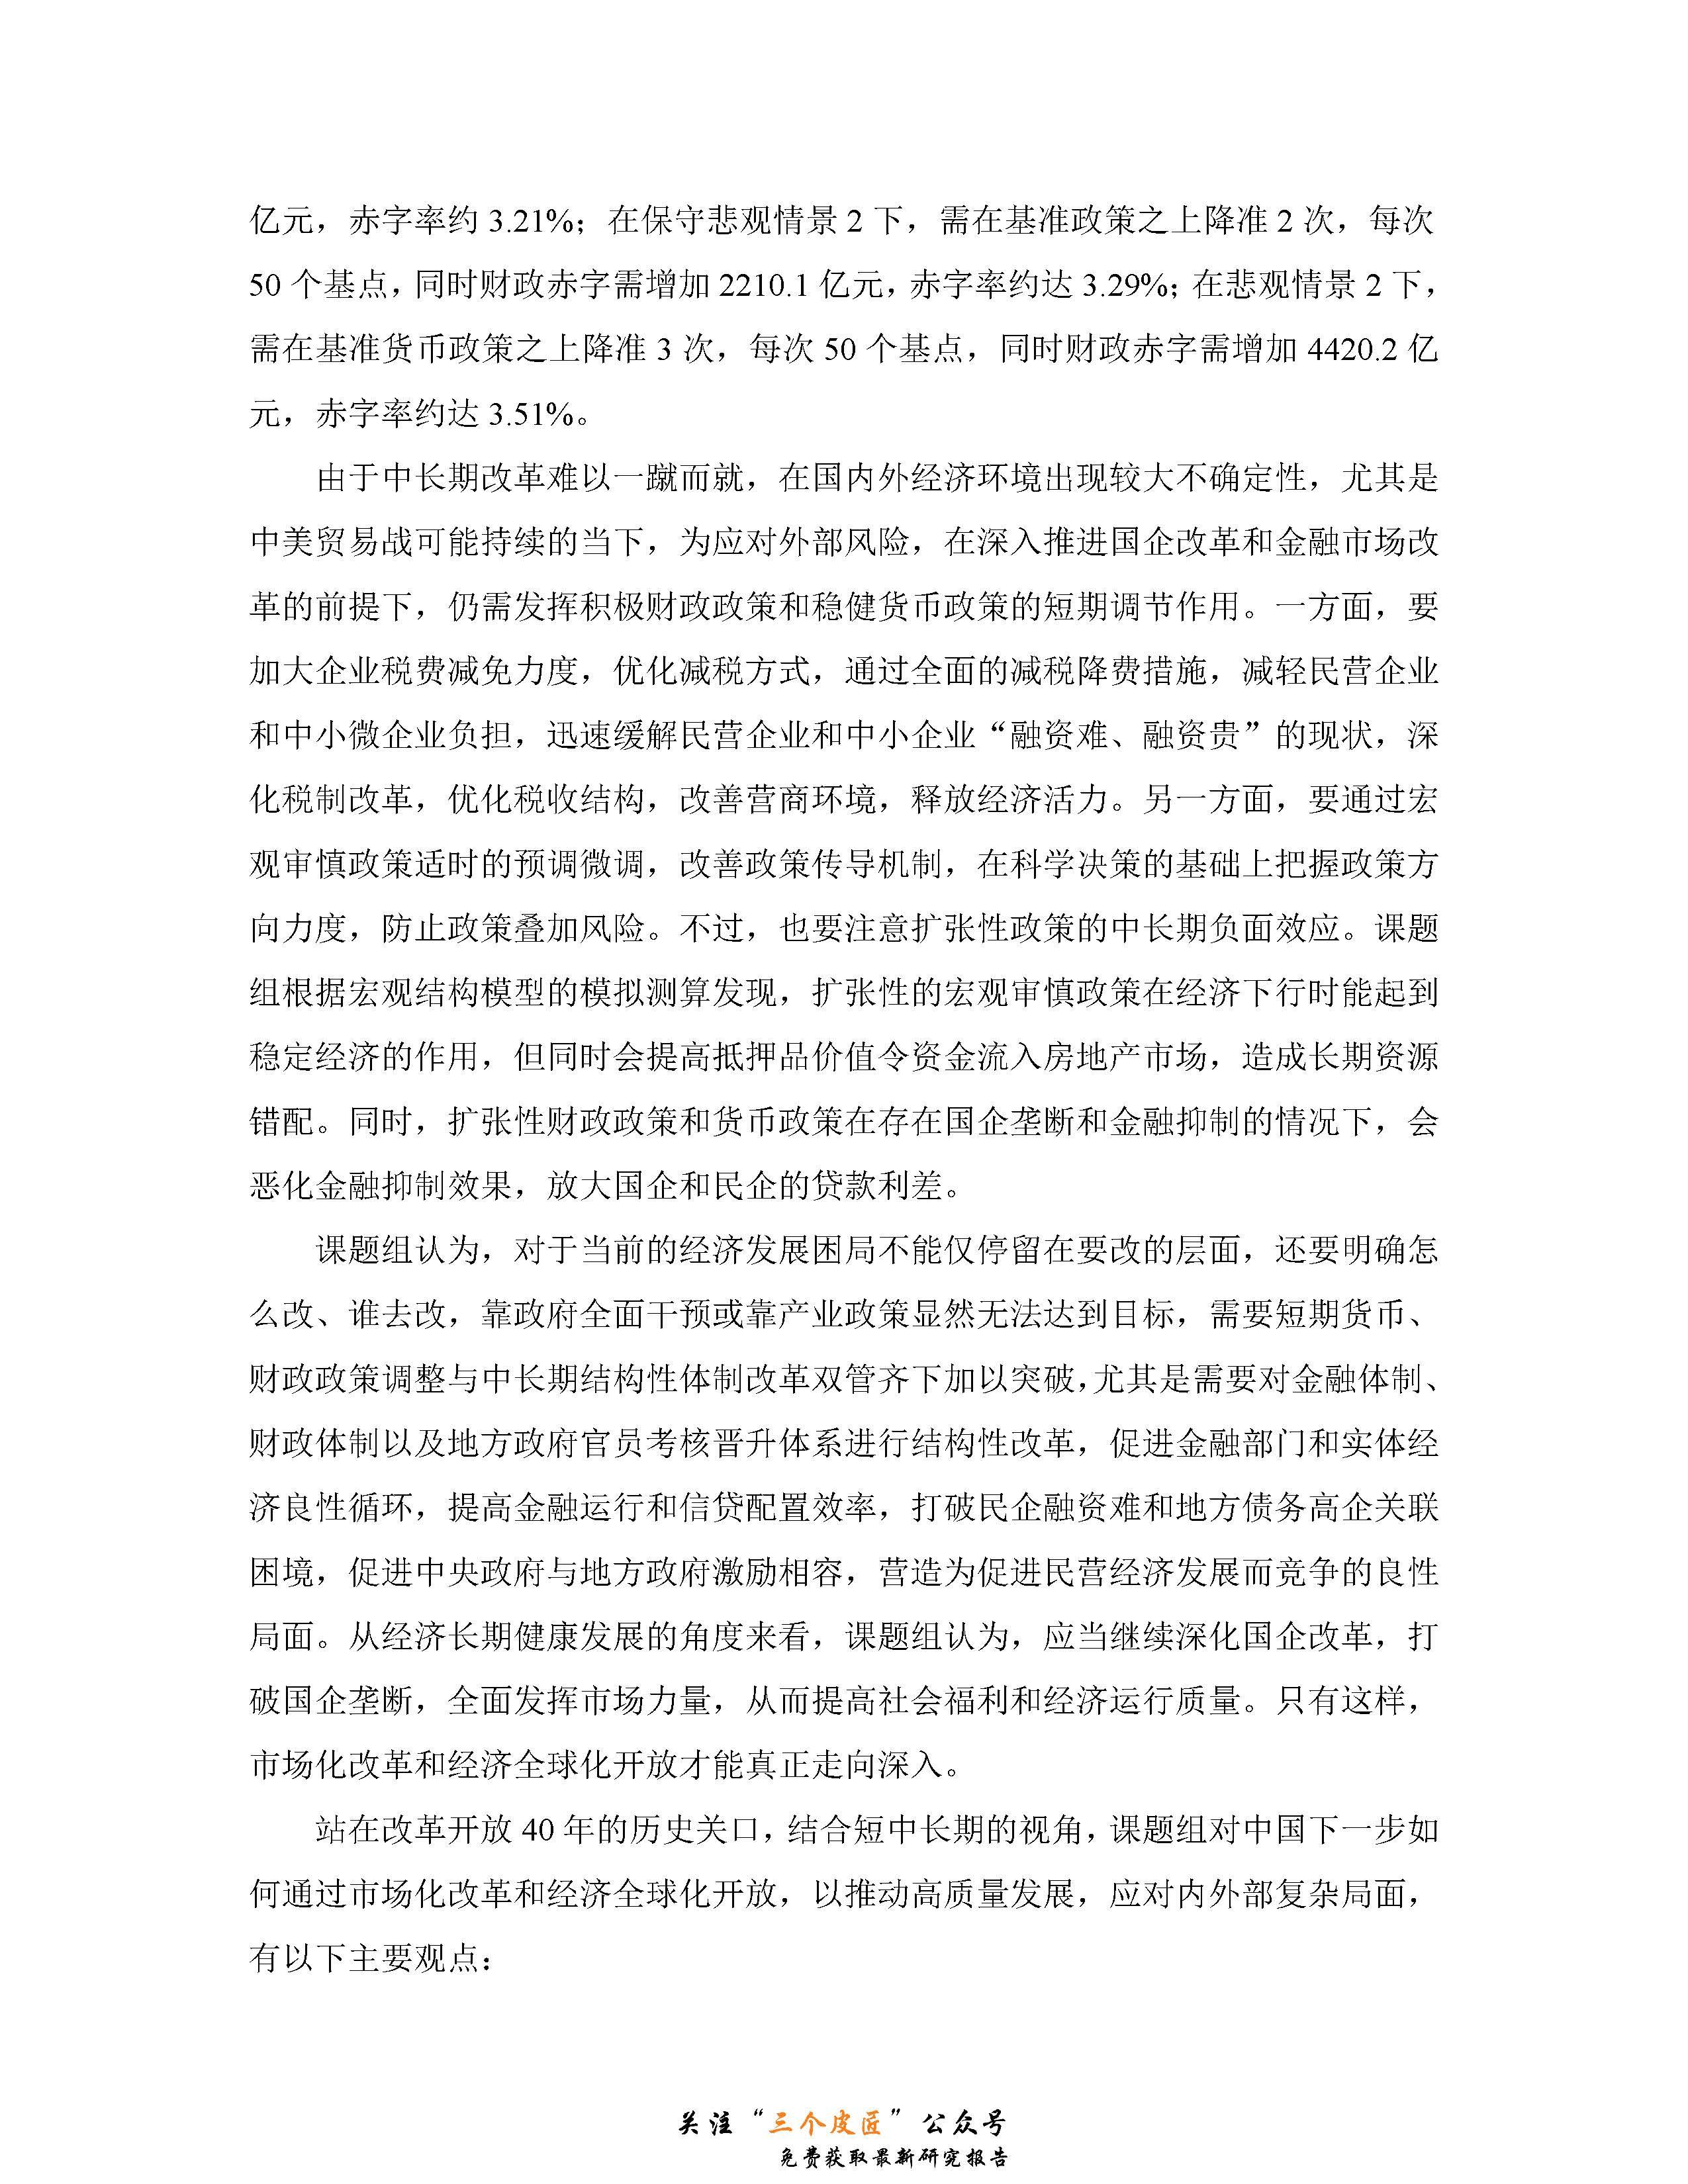 1_页面_005.jpg